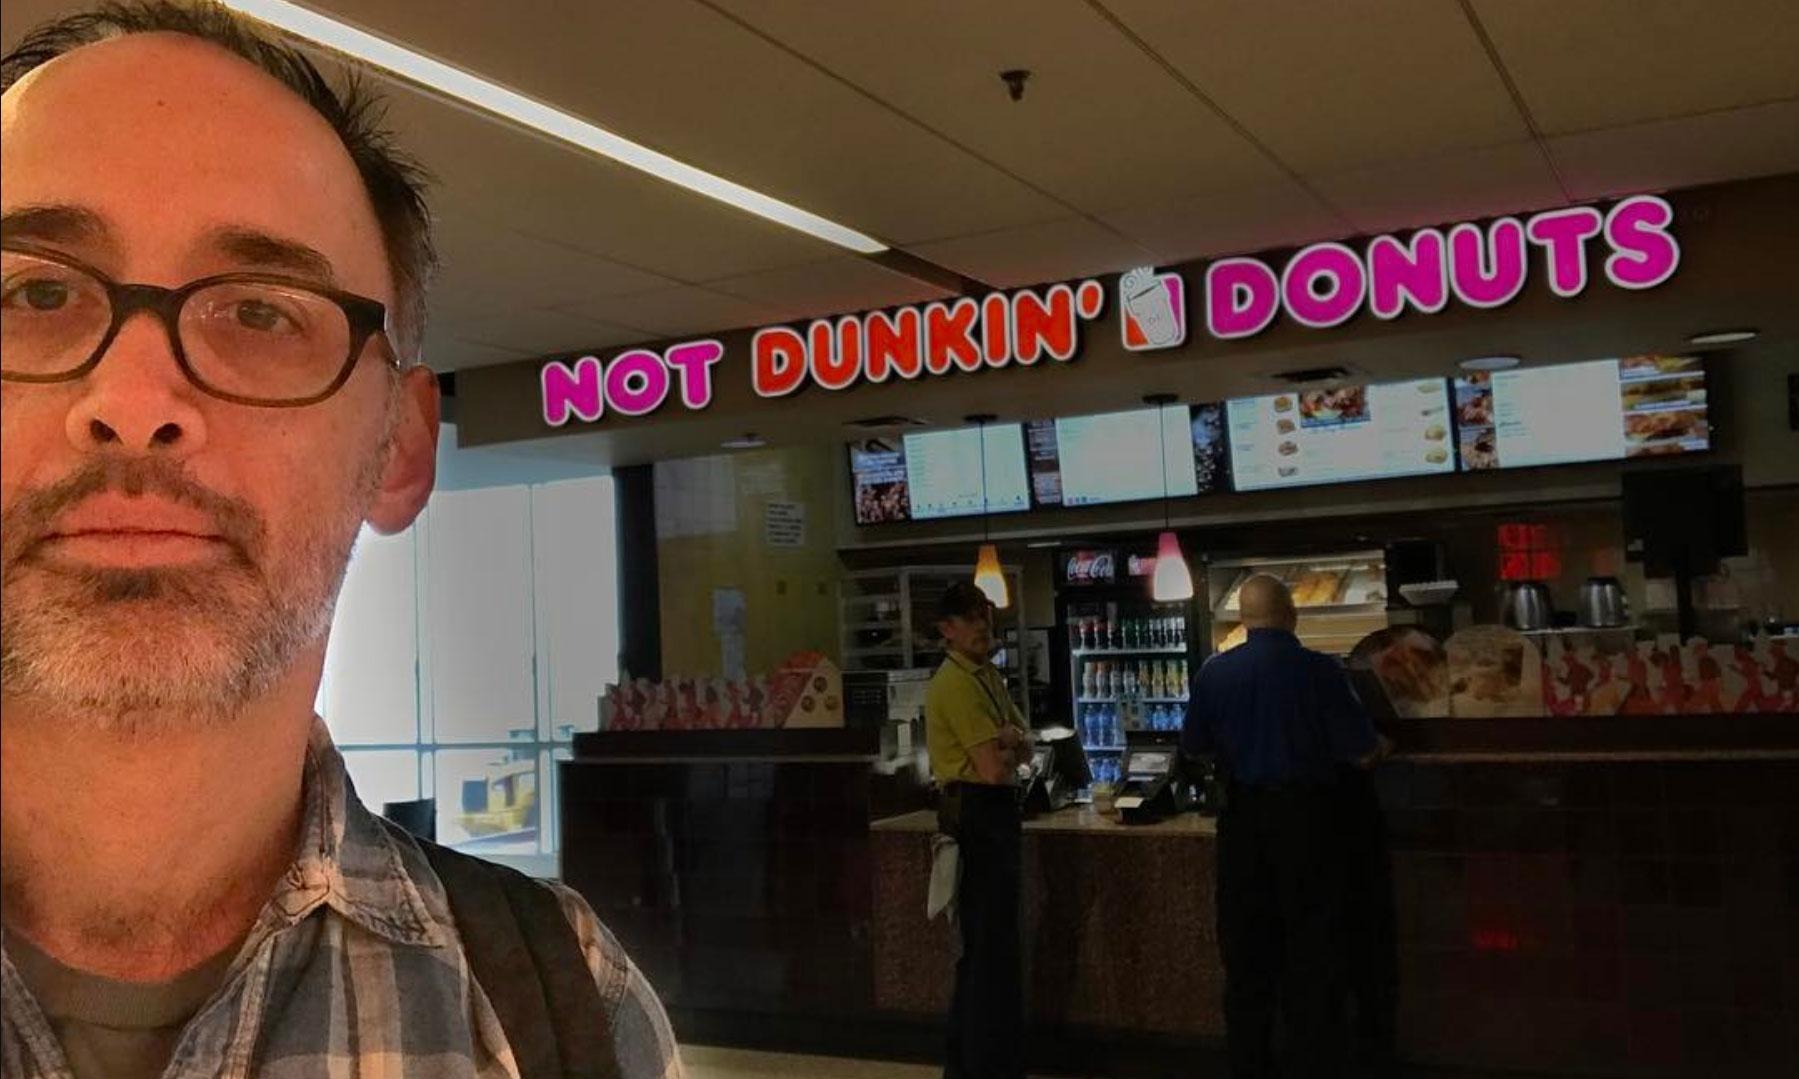 David Wain donuts